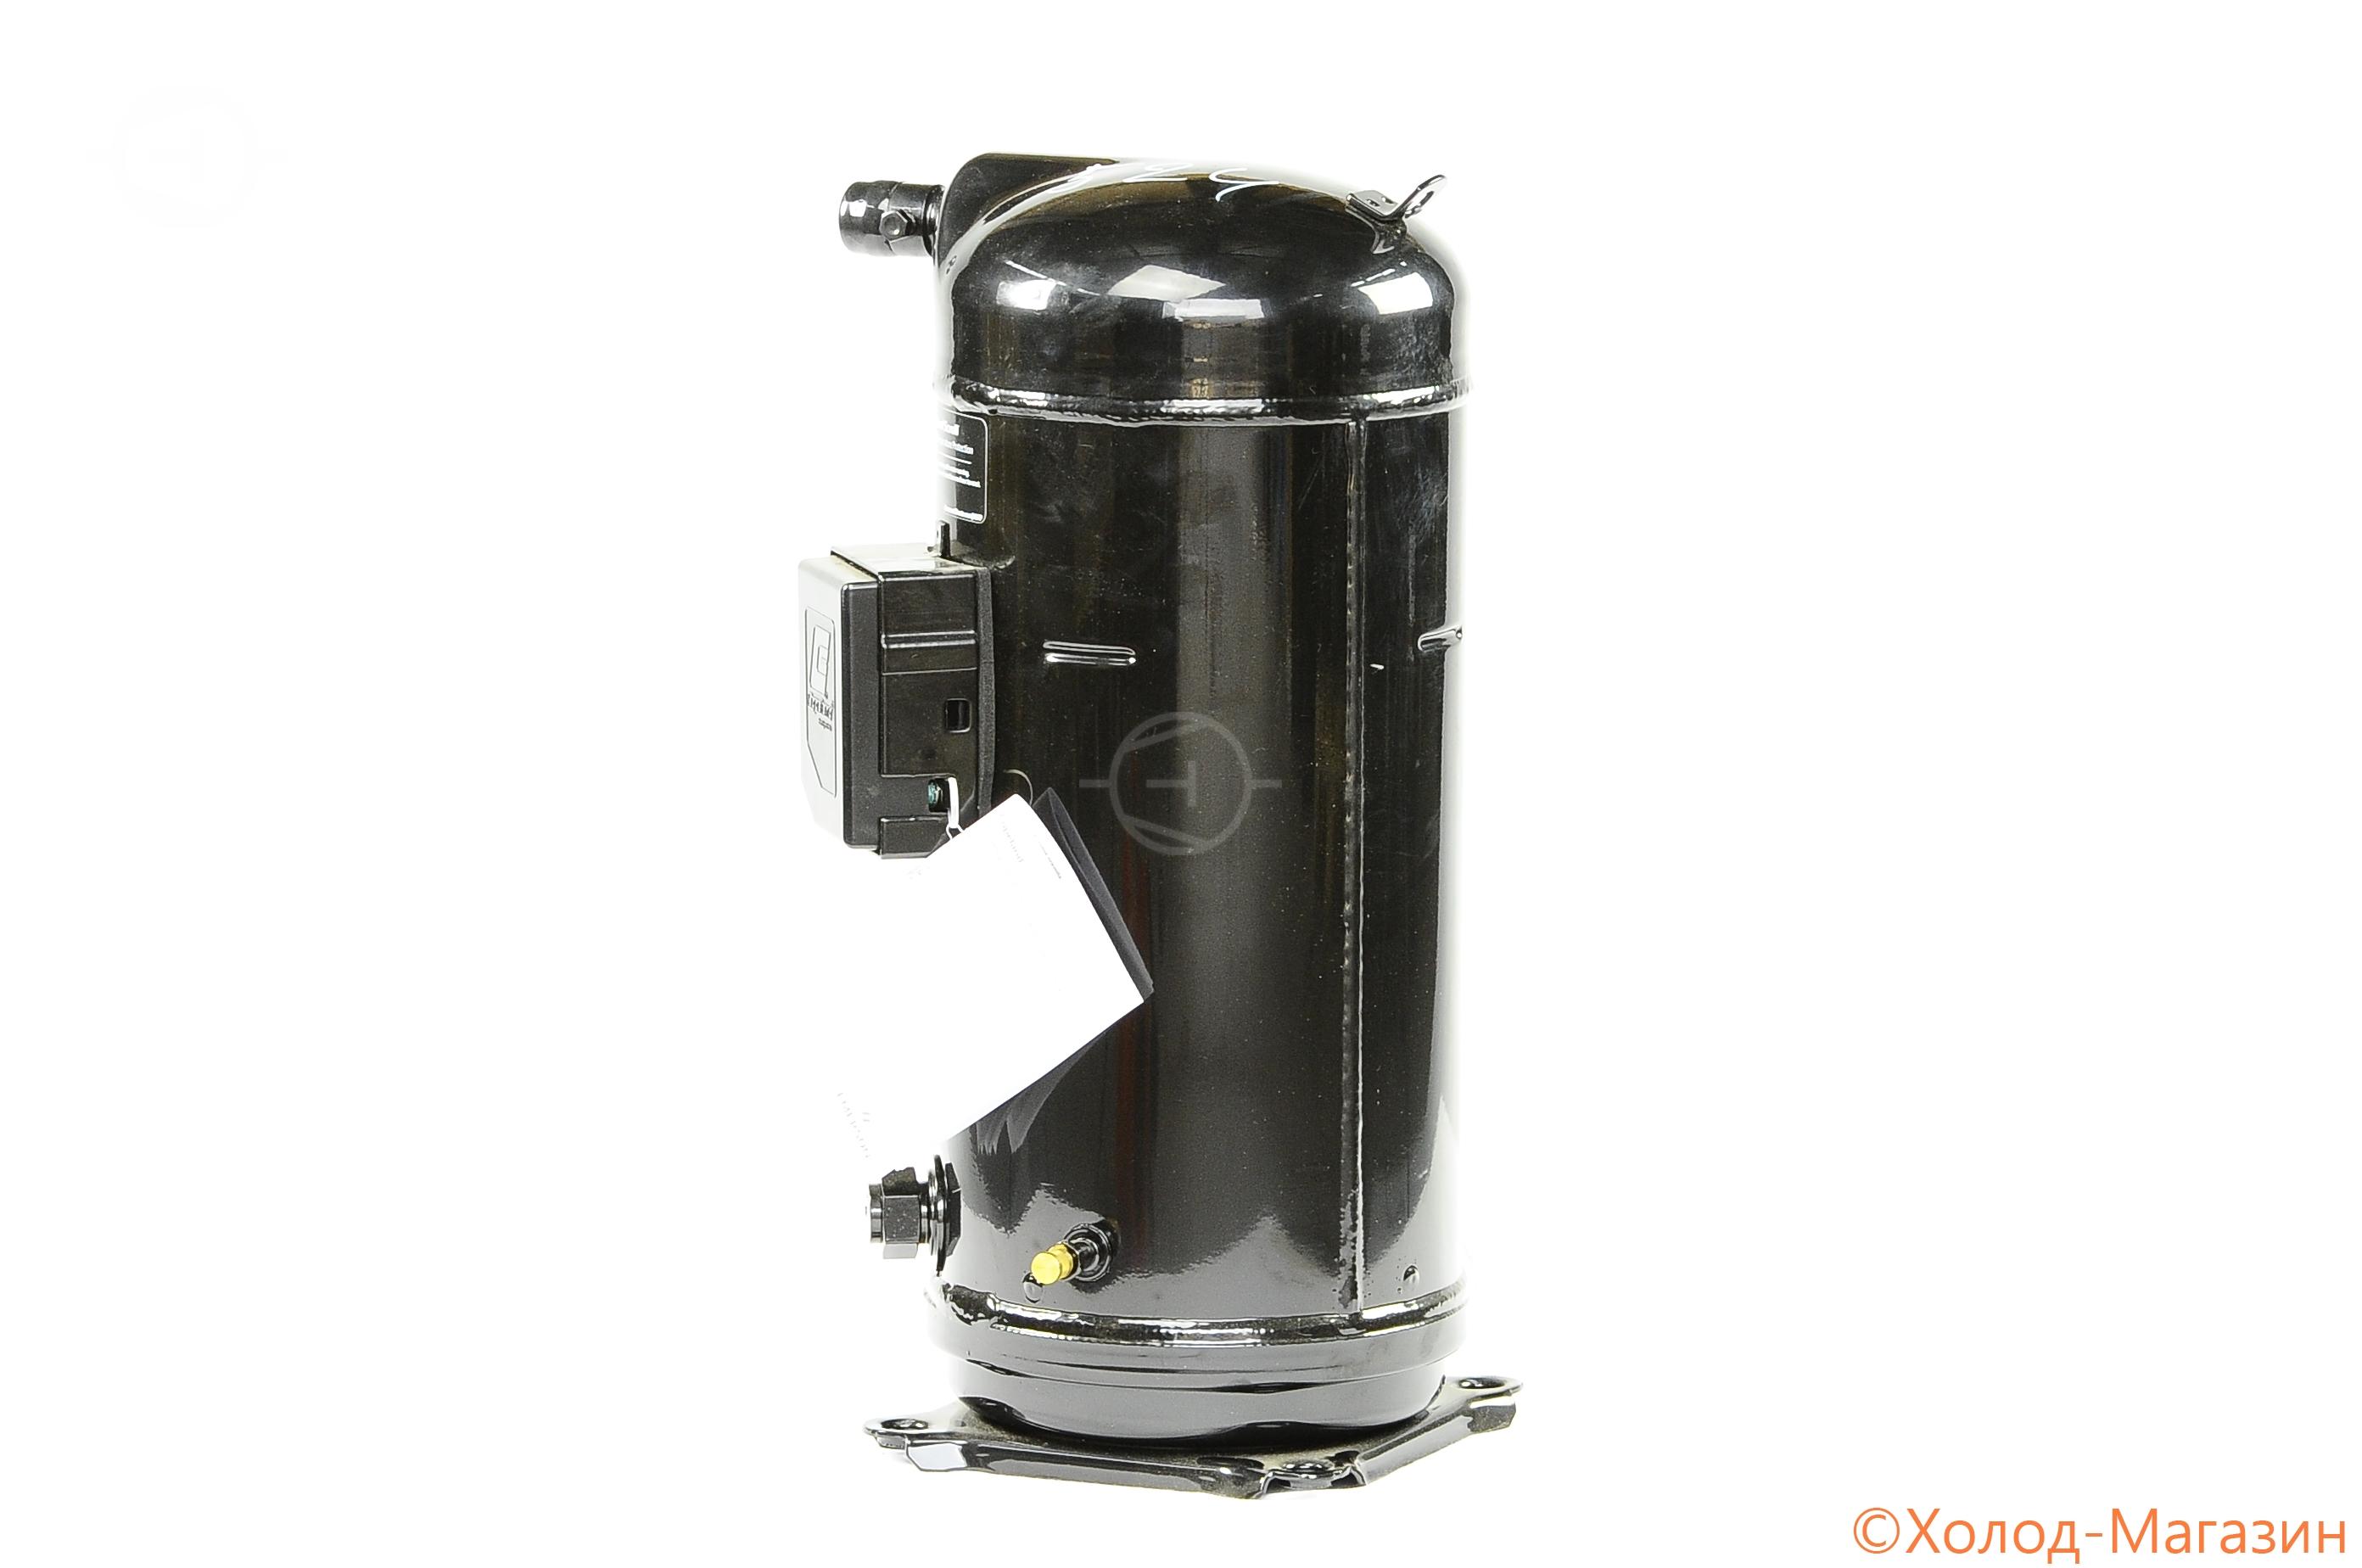 Компрессор спиральный ZB 95 KCE-TFD-551 Copeland, Emerson